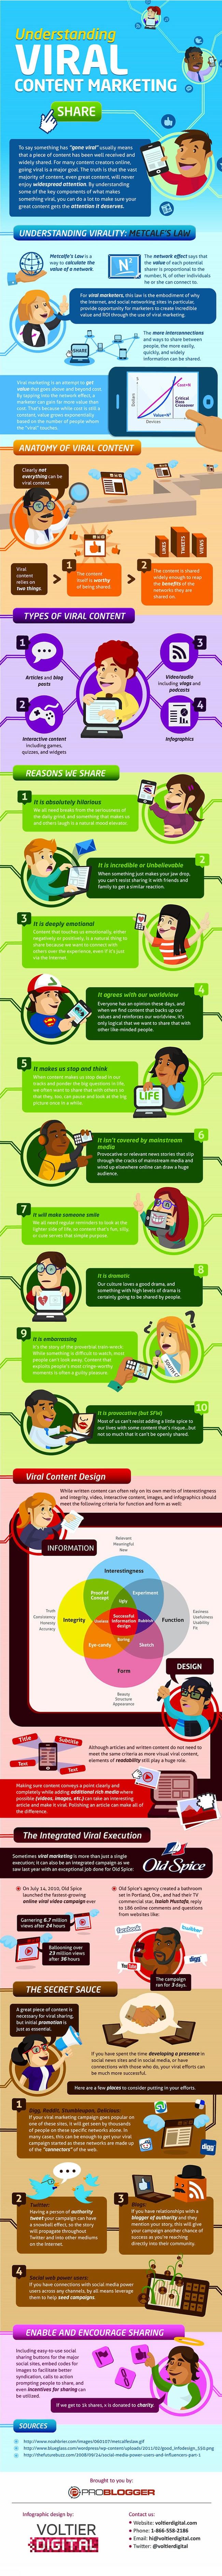 ¿cómo lograr viralidad en el contenido digital?